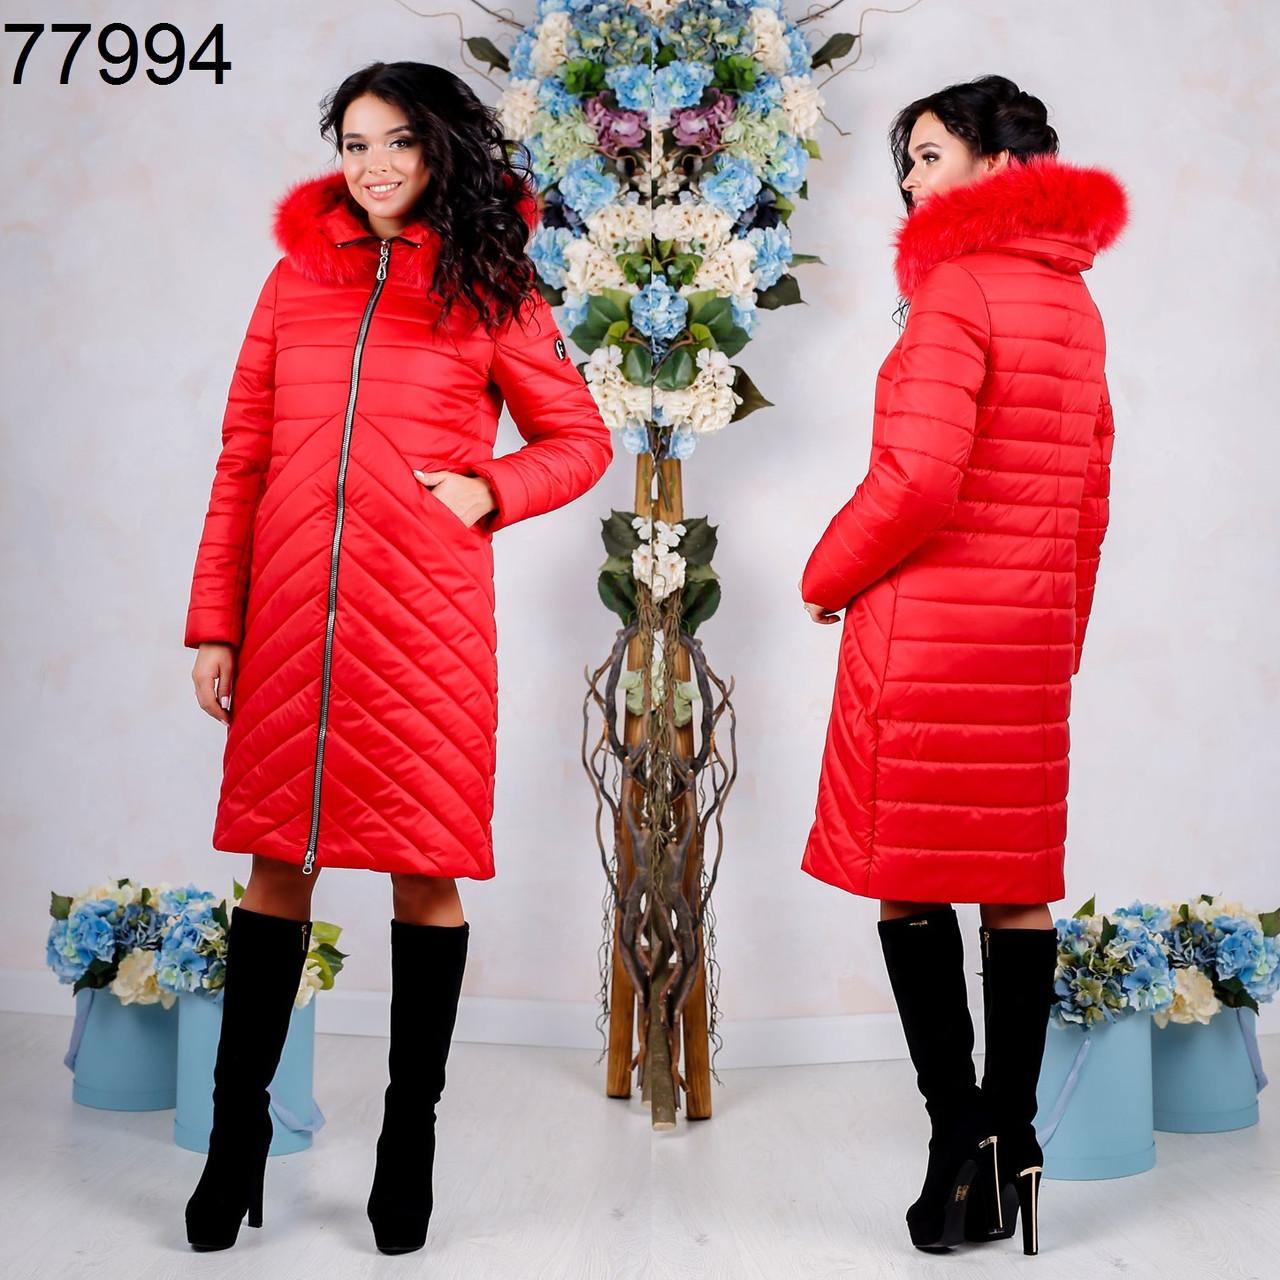 Зимний теплый пуховик  на синтепоне из плащевой ткани  F 77994   Красный